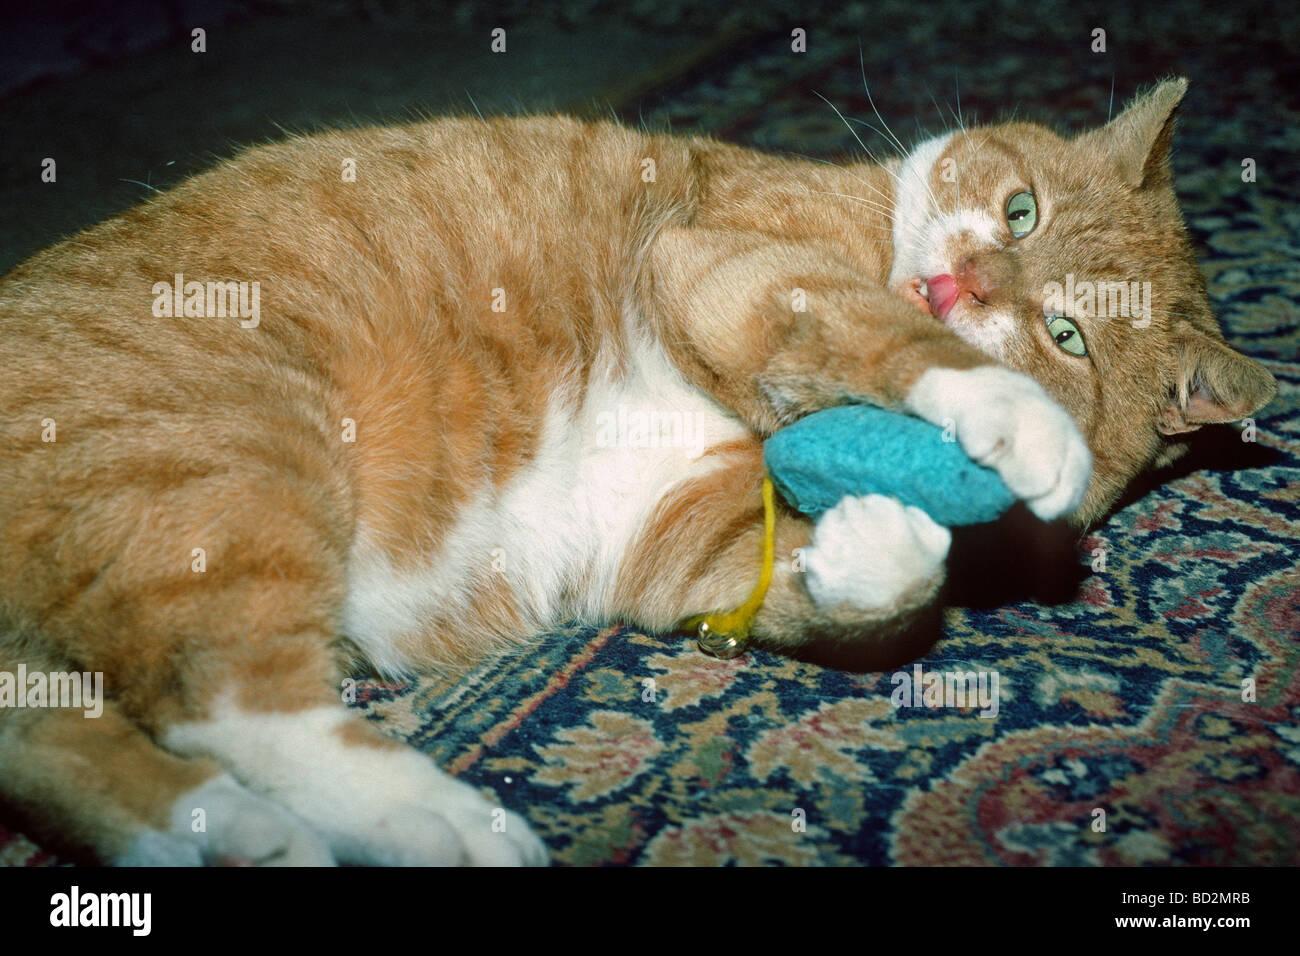 Le gingembre chat jouant avec un jouet Banque D'Images